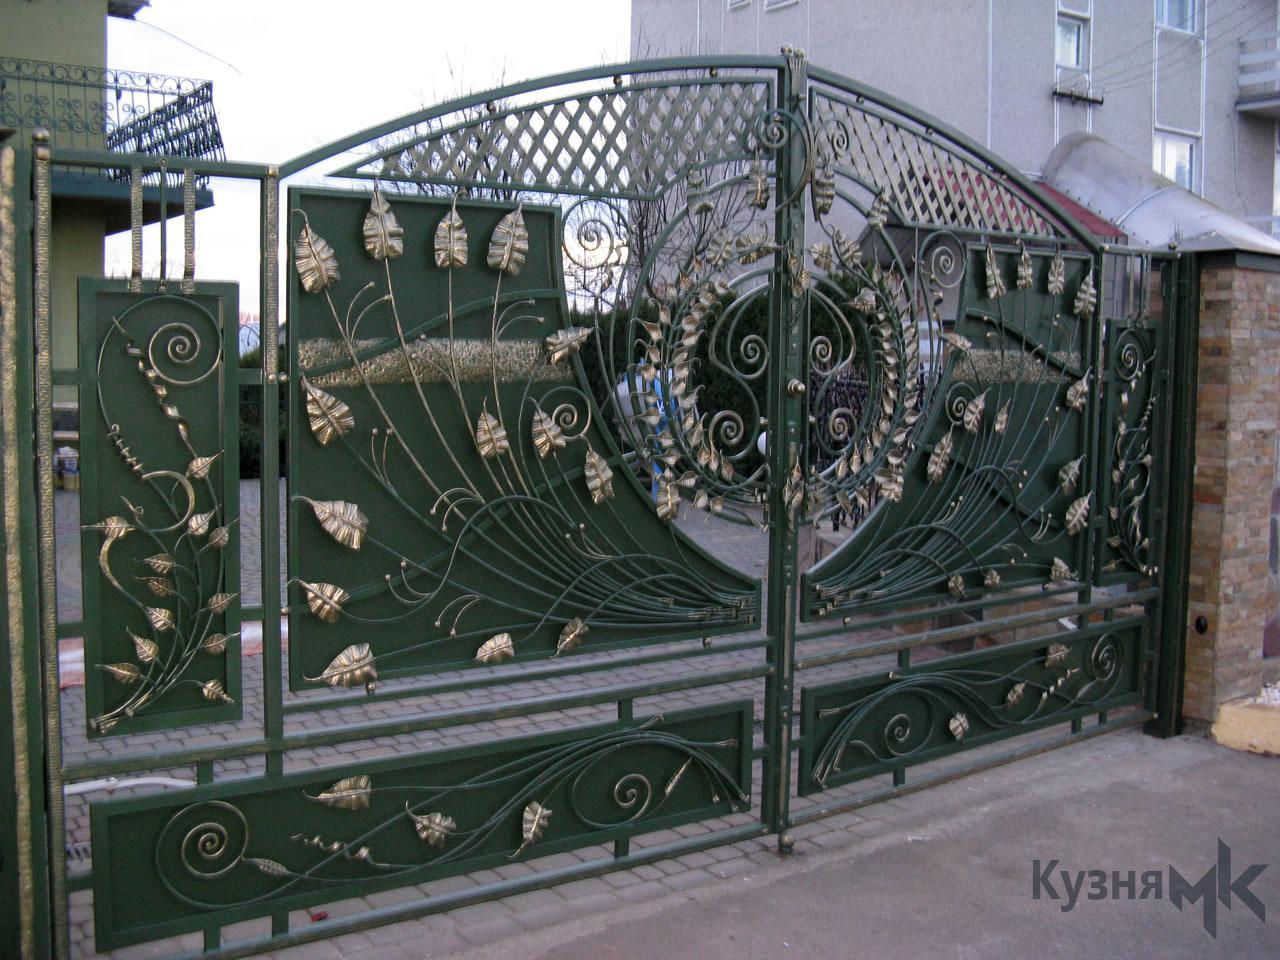 Ковані ворота зеленого кольору з золотою патиною